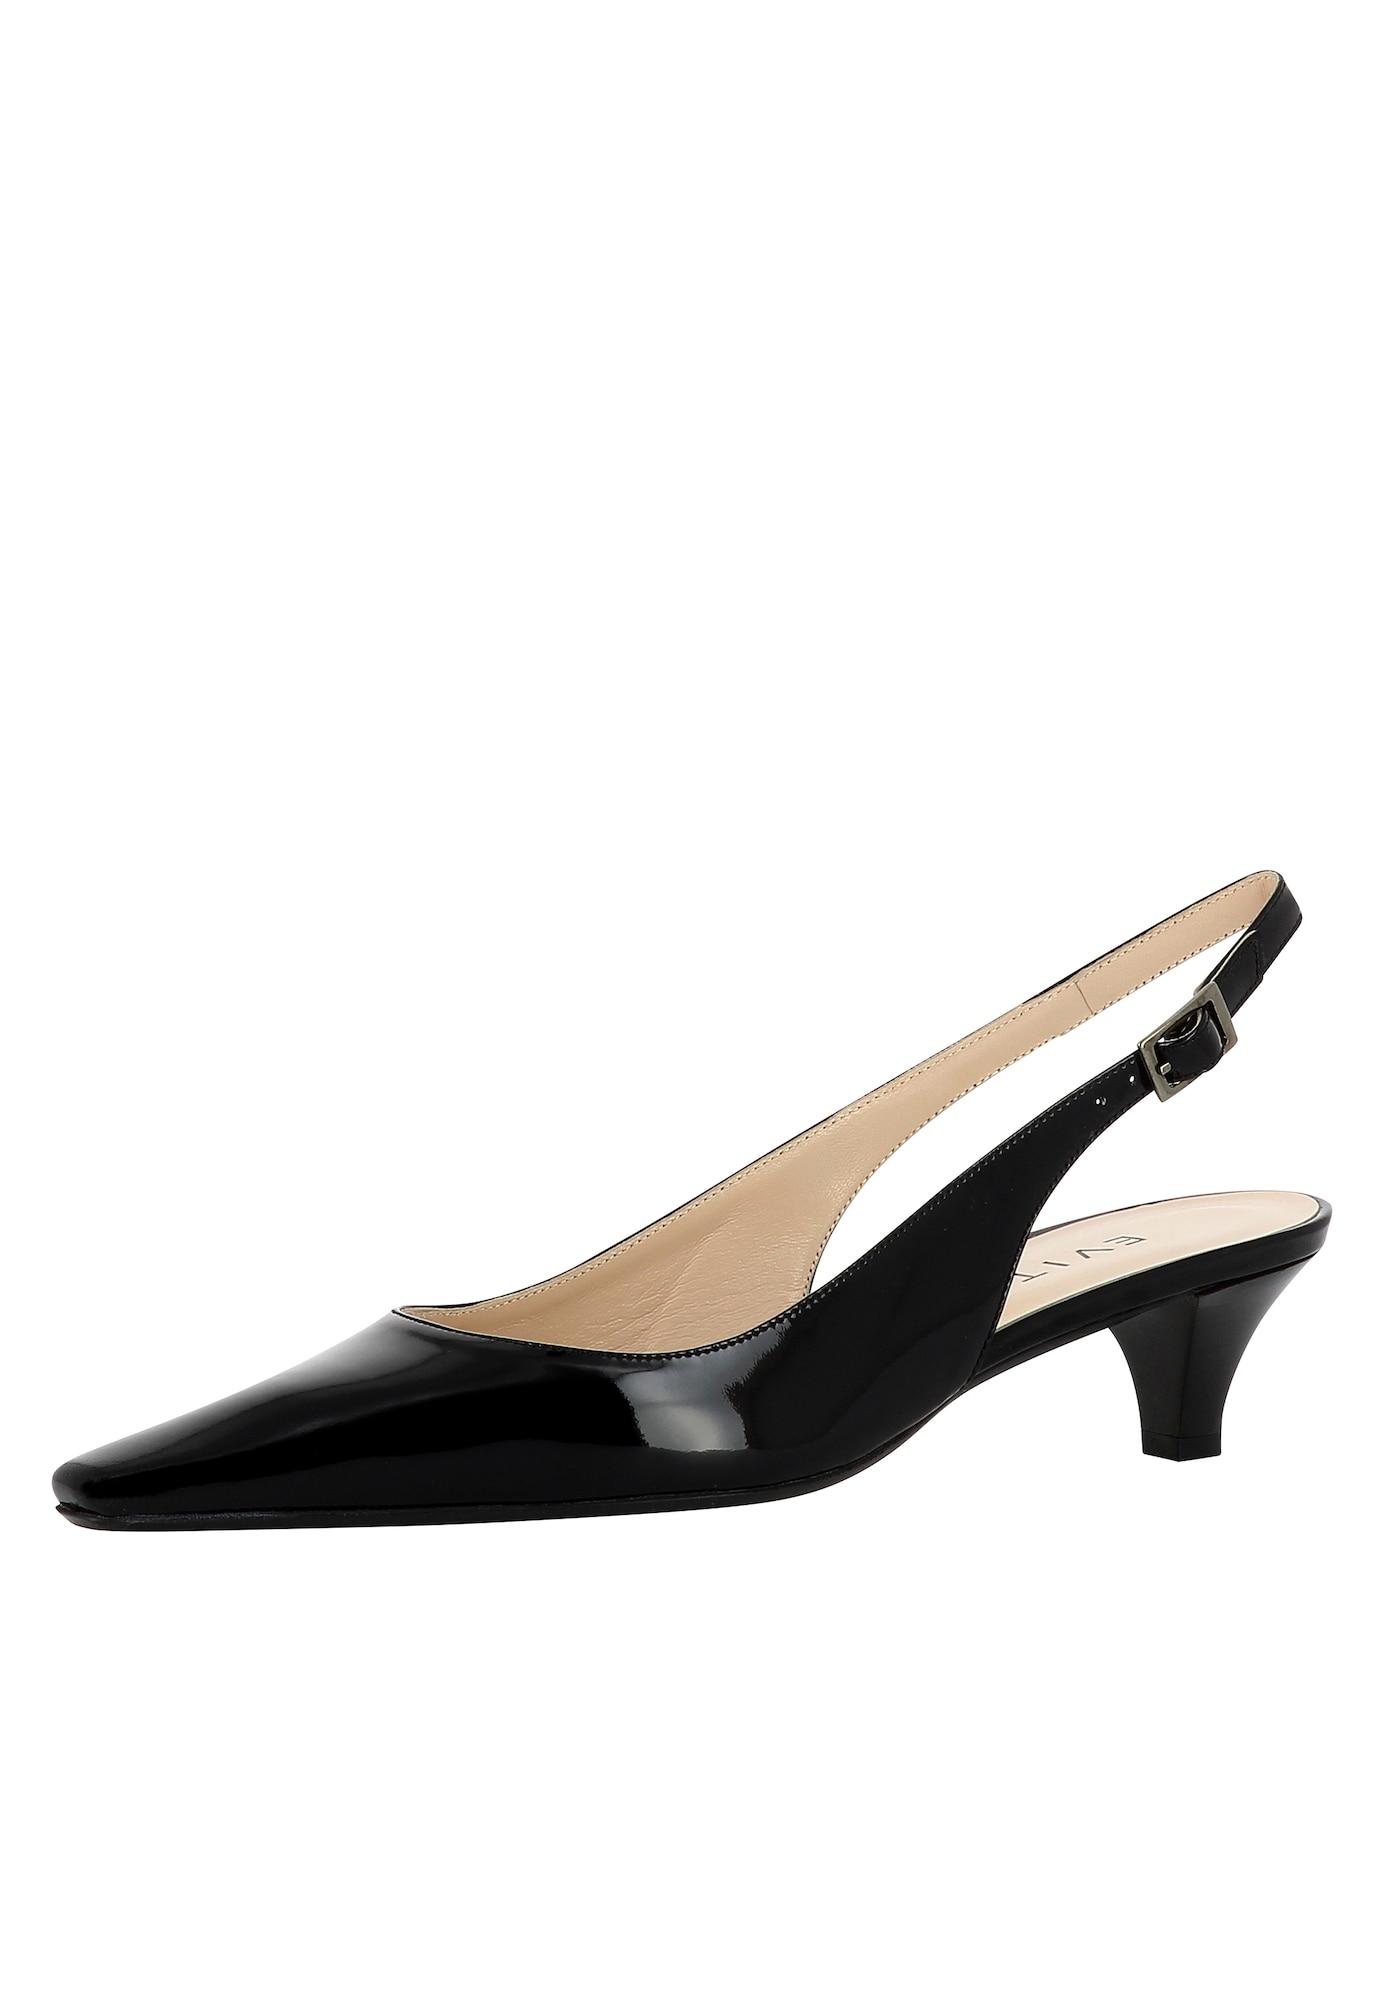 Damen Sling Pumps | Schuhe > Pumps | Schwarz | EVITA